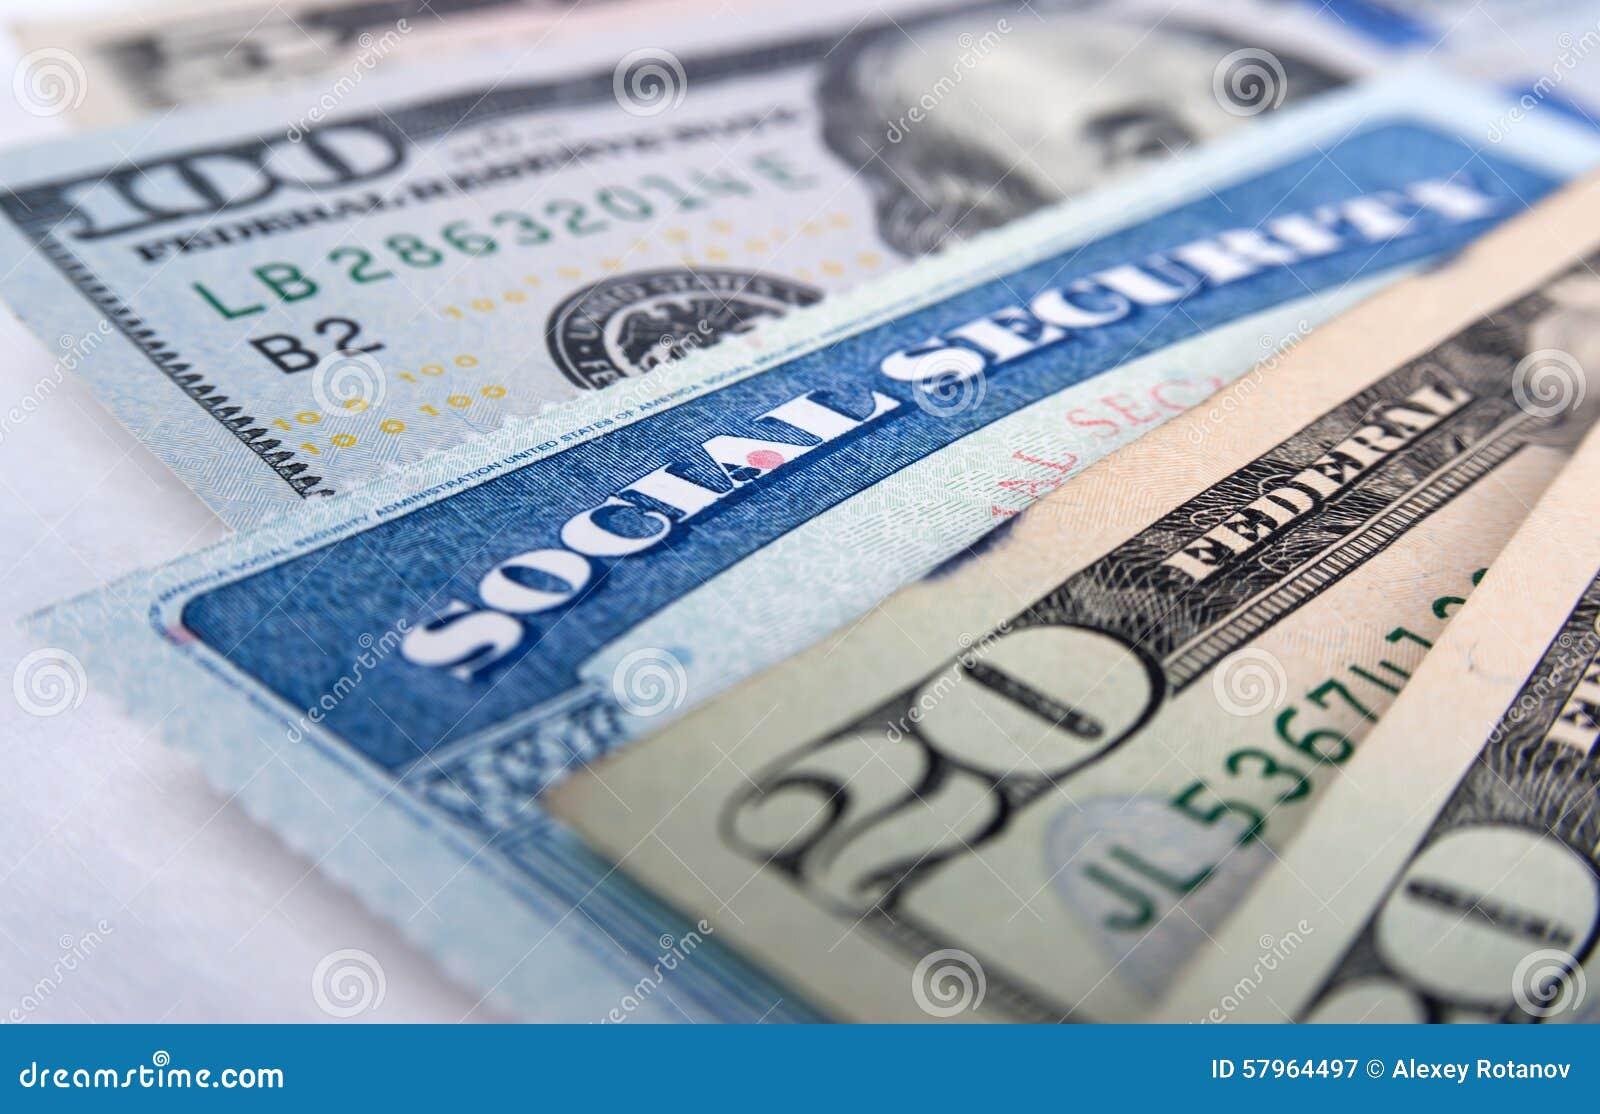 Cartão de segurança social e notas de dólar americanas